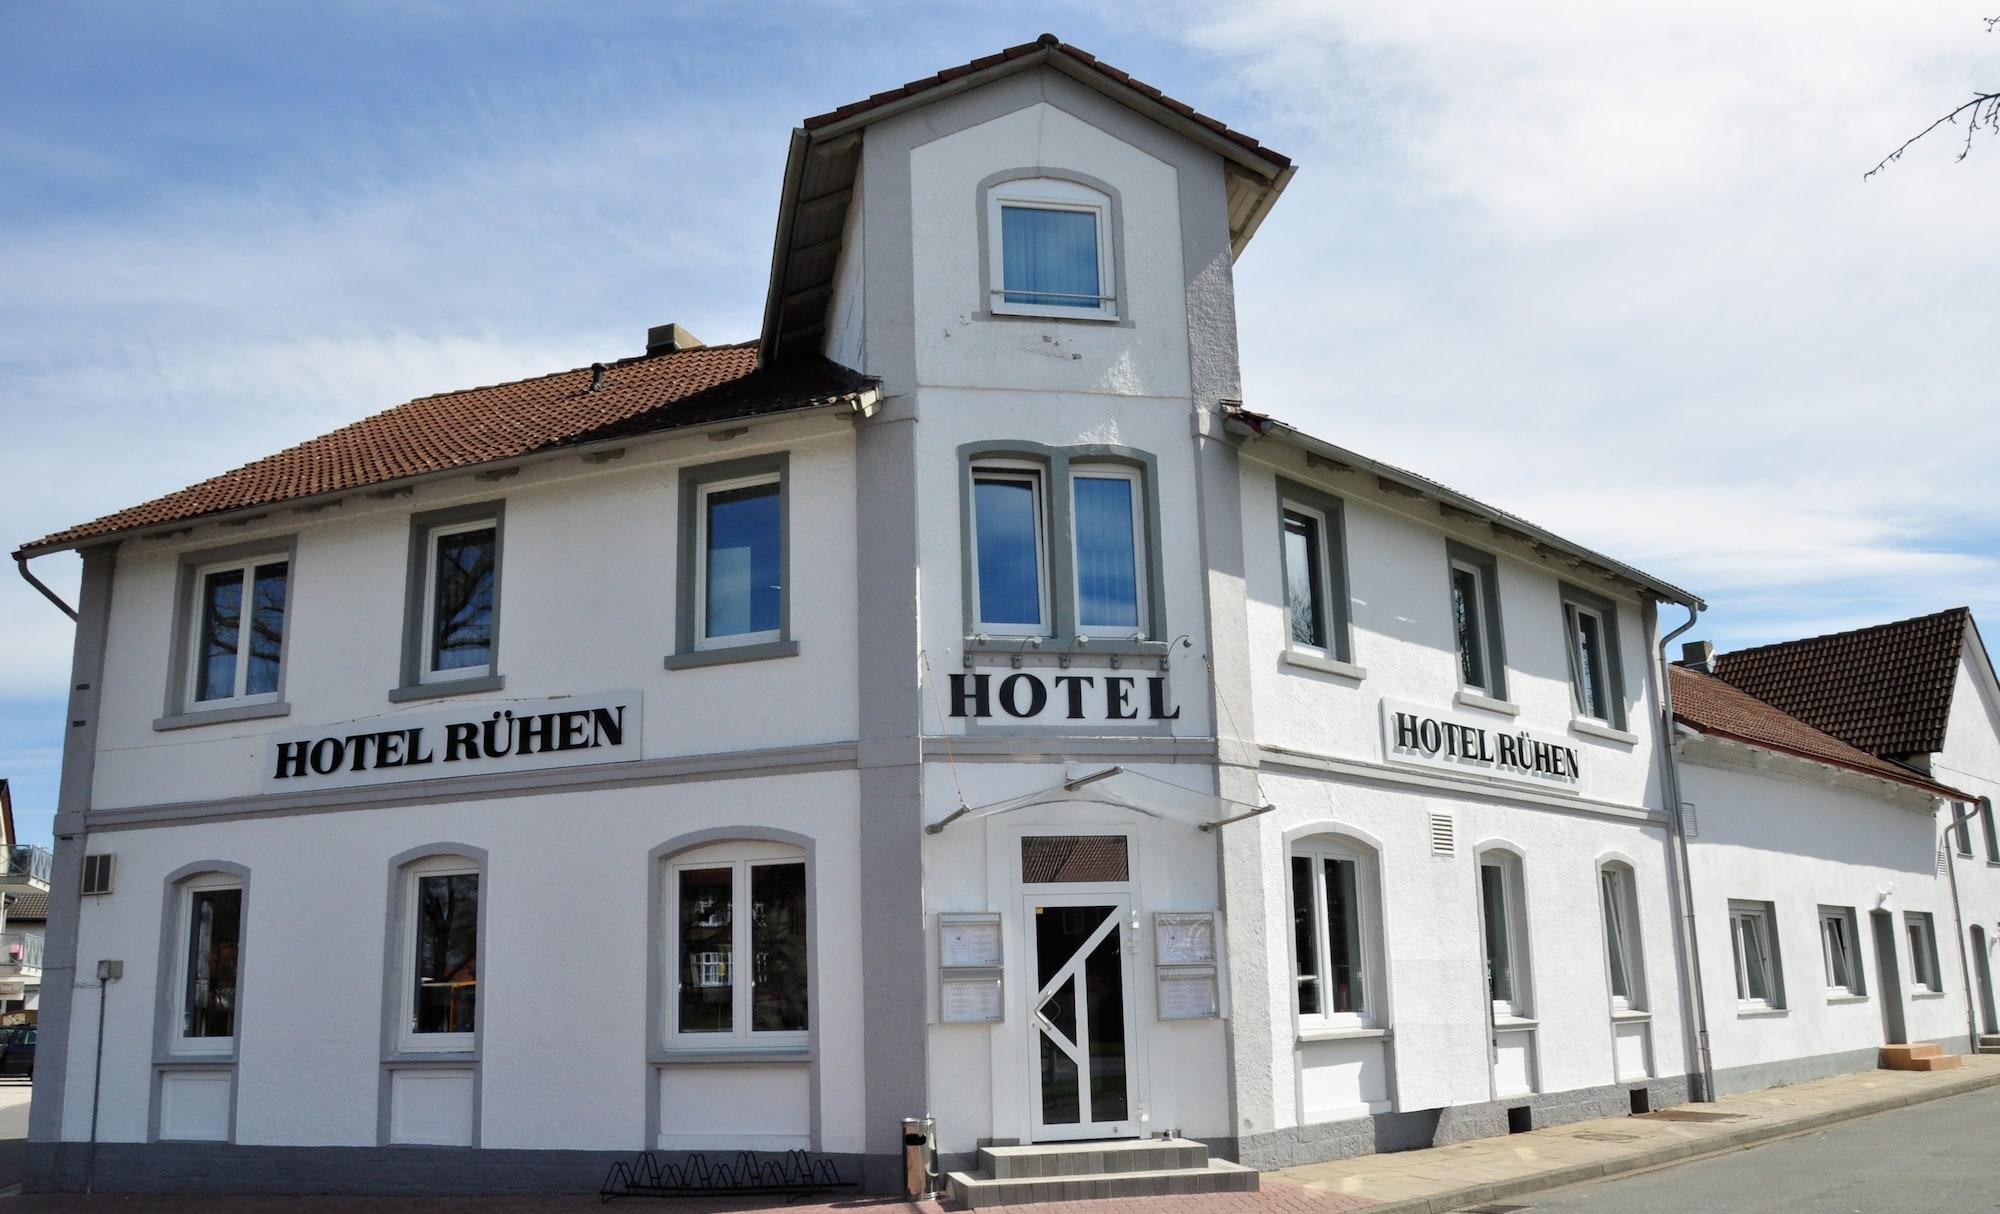 Hotel Rühen, Gifhorn